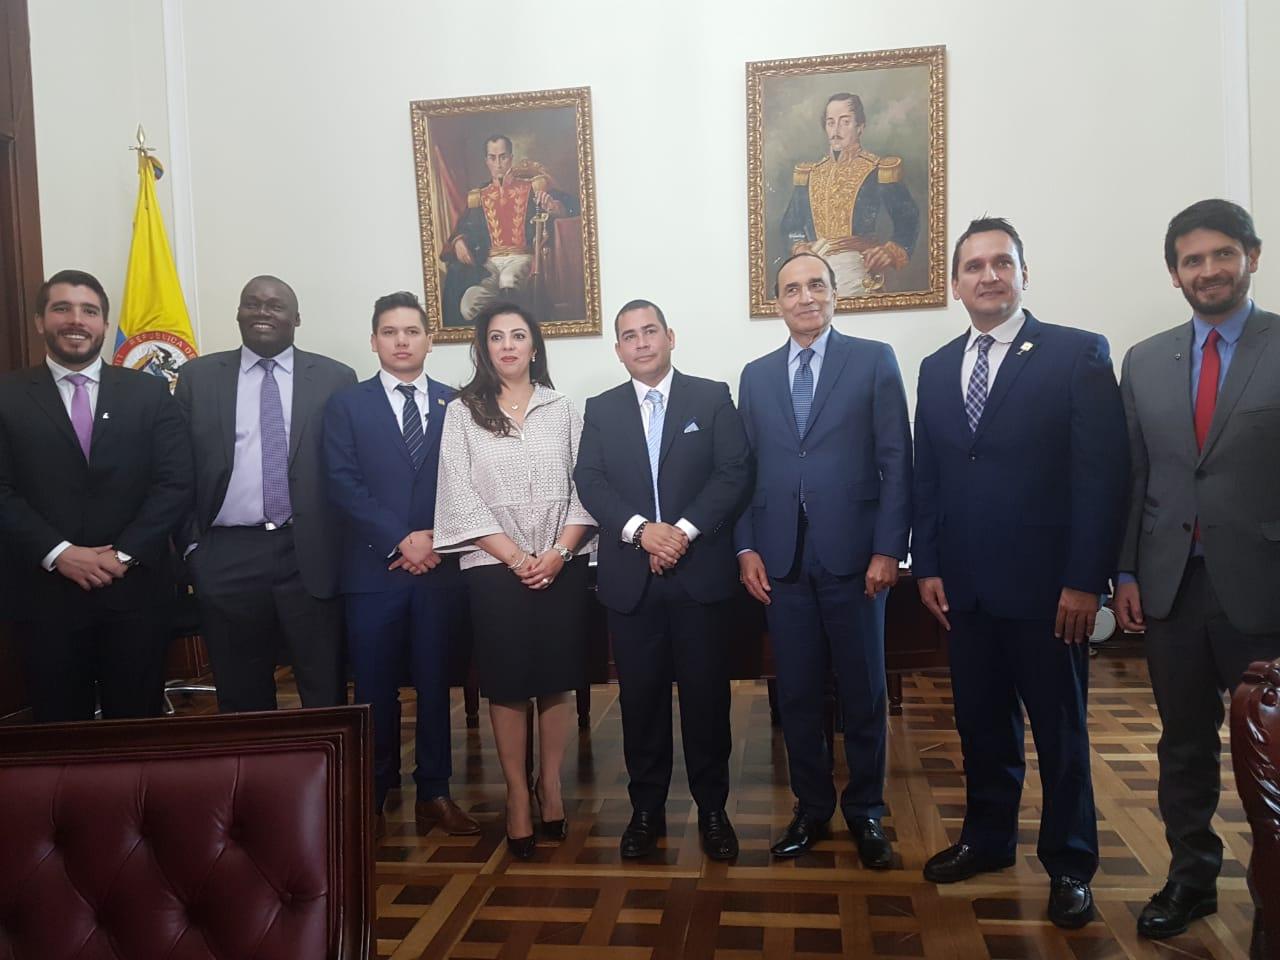 رئيسي مجلسي الكونغرس الكولومبي يخصصان استقبالاً رسمياً للمالكي ويرحبان بالتعاون المشترك مع المغرب